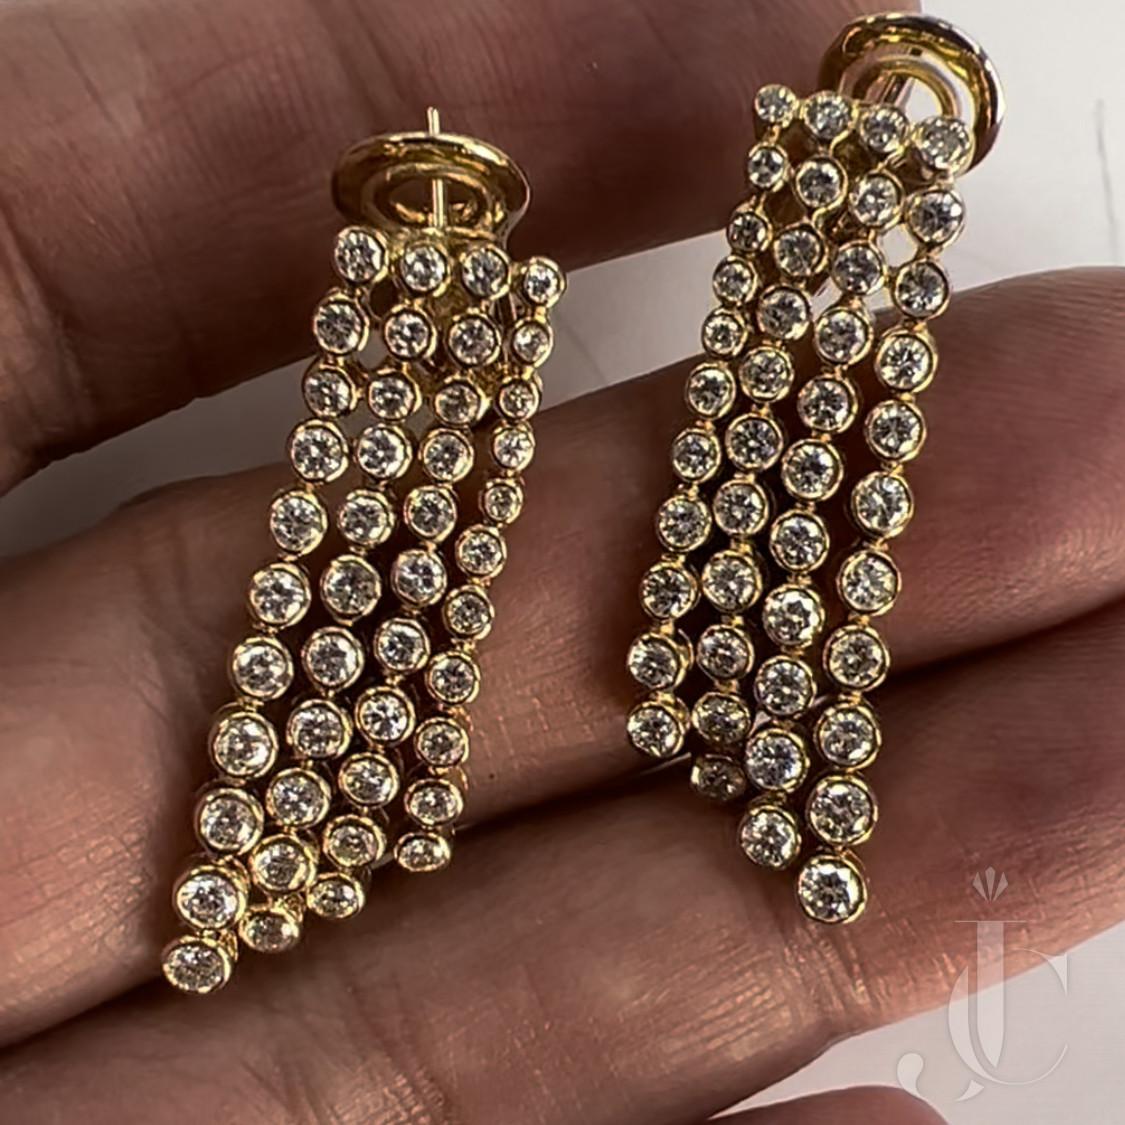 Van Cleef & Arpels Stunning Diamond Earrings by Andre Vassort